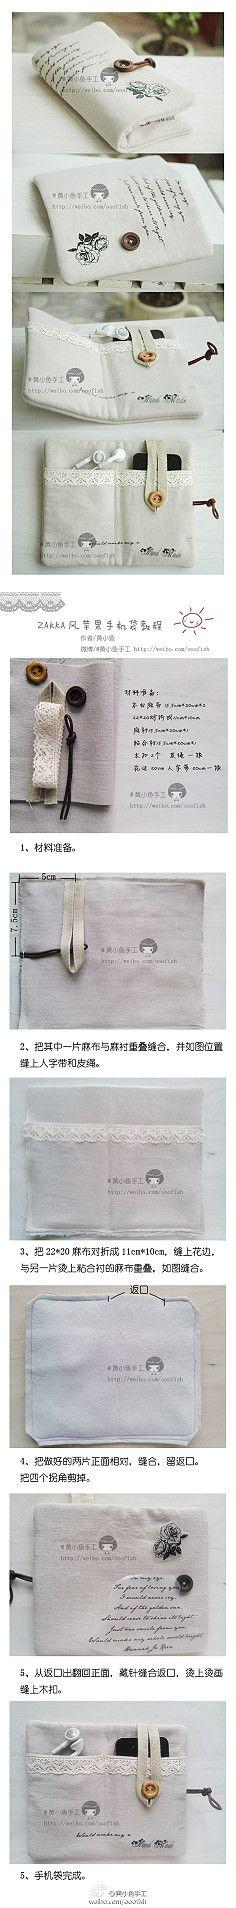 #黄小鱼手工##苹果手机袋教程#_来自serio…